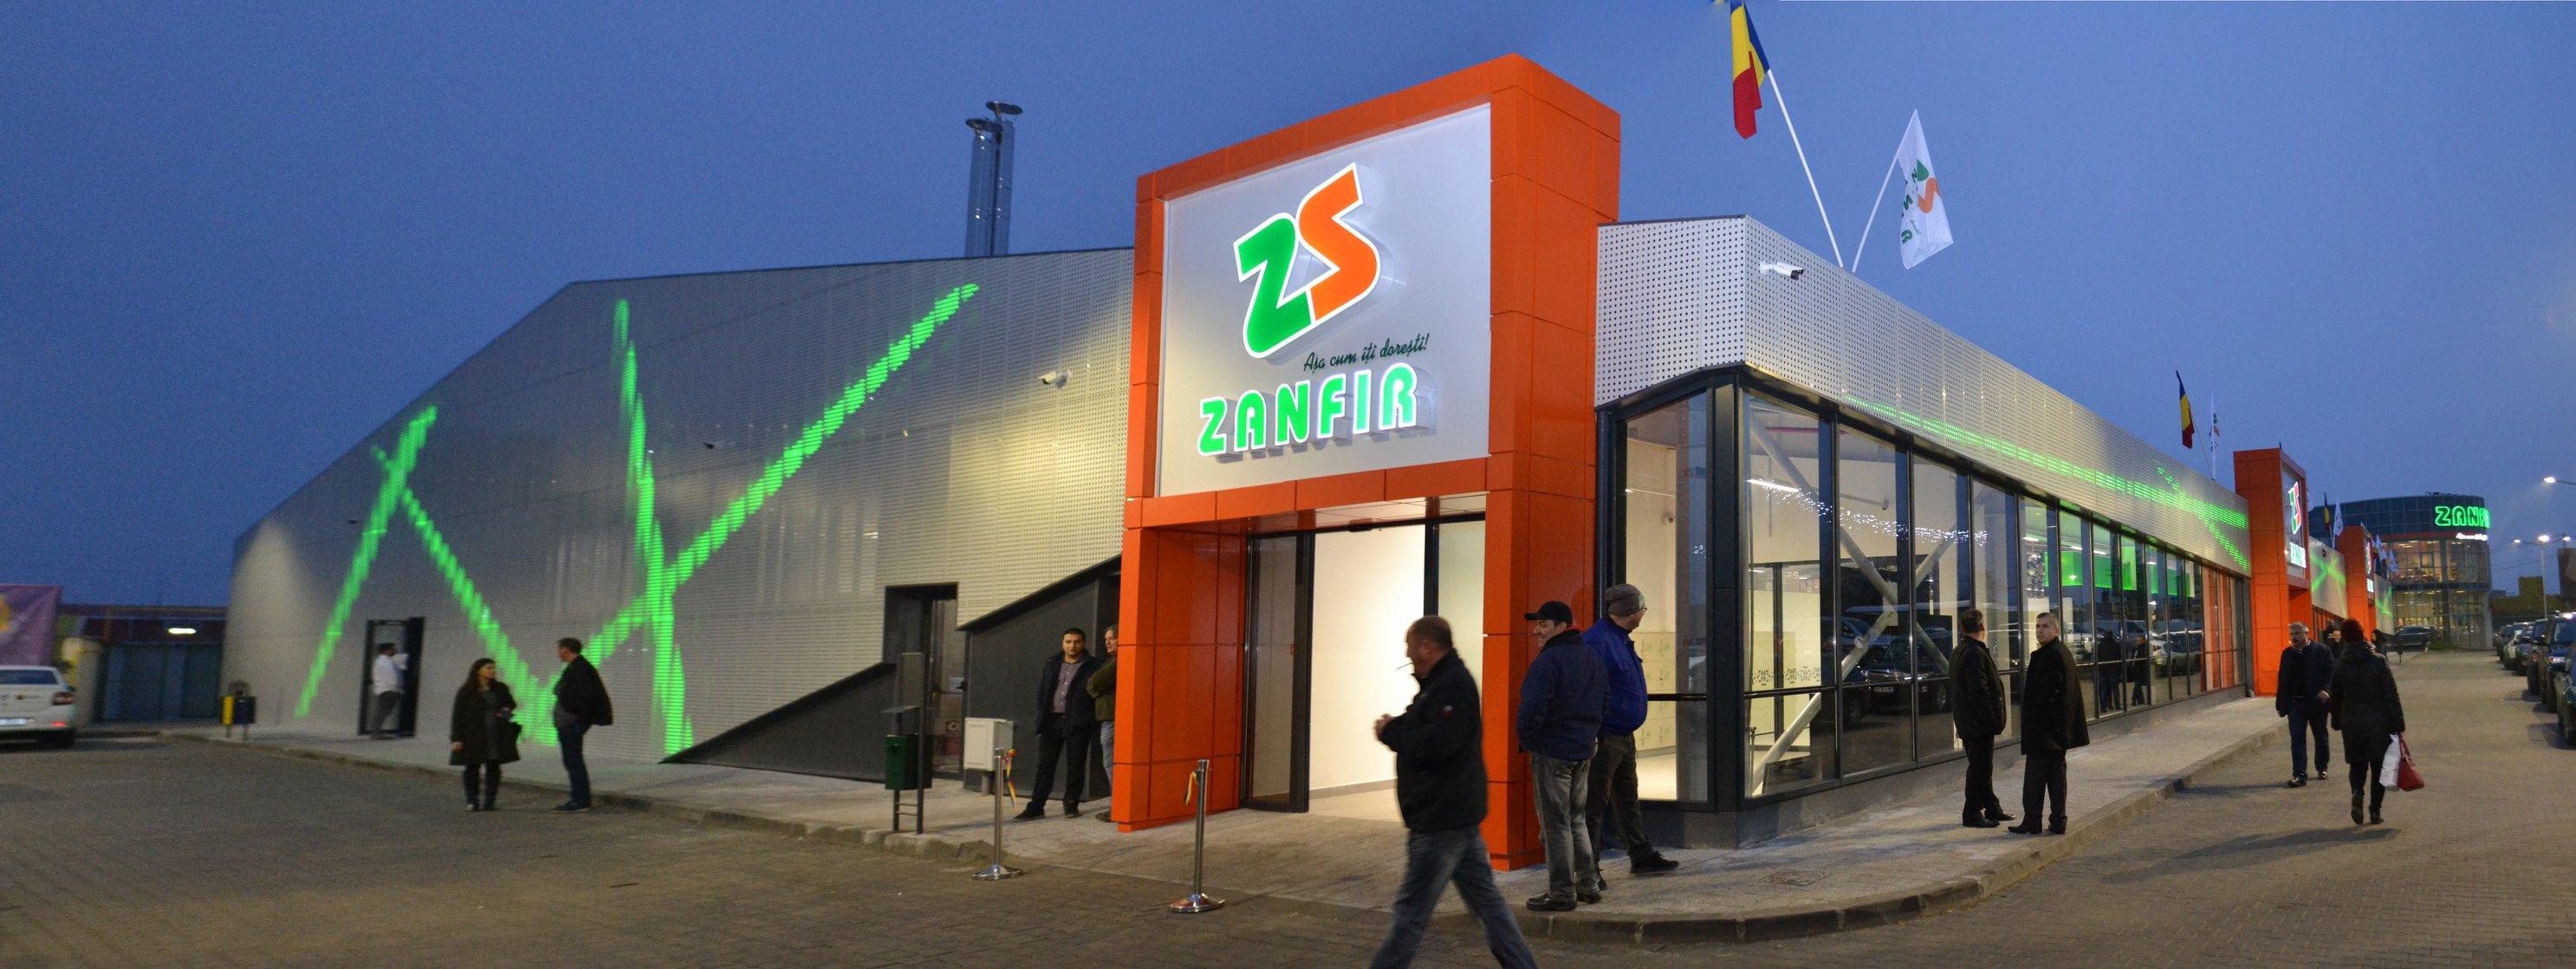 Inca un retailer local independent preluat de o retea straina! Lantul Zanfir din Vrancea trece in portofoliul Mega Image